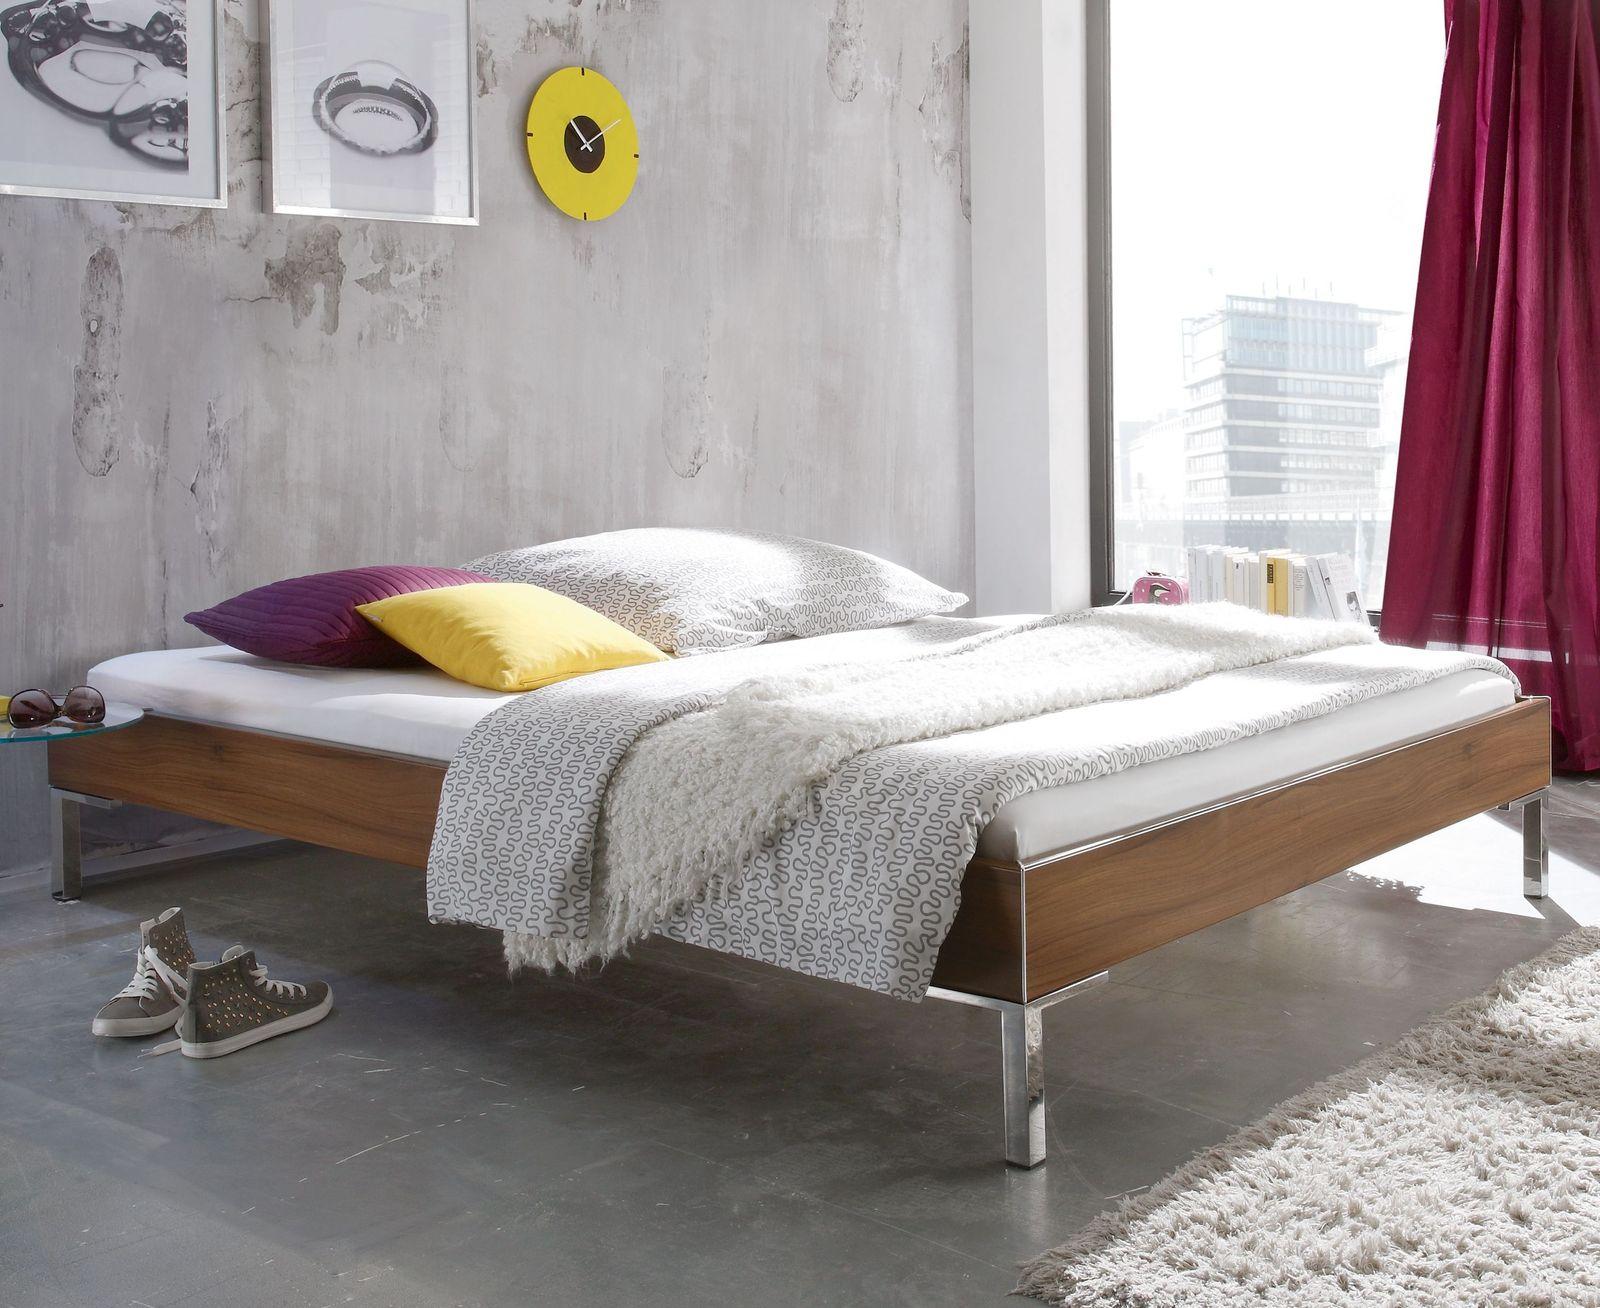 Full Size of Senioren Schlafzimmer Mit Einzelbett Kleinanzeigen Günstige Betten Jugend Laminat Fürs Bad Hotel Fürstenhof Griesbach Somnus Kinder Außergewöhnliche Bett Betten Für übergewichtige